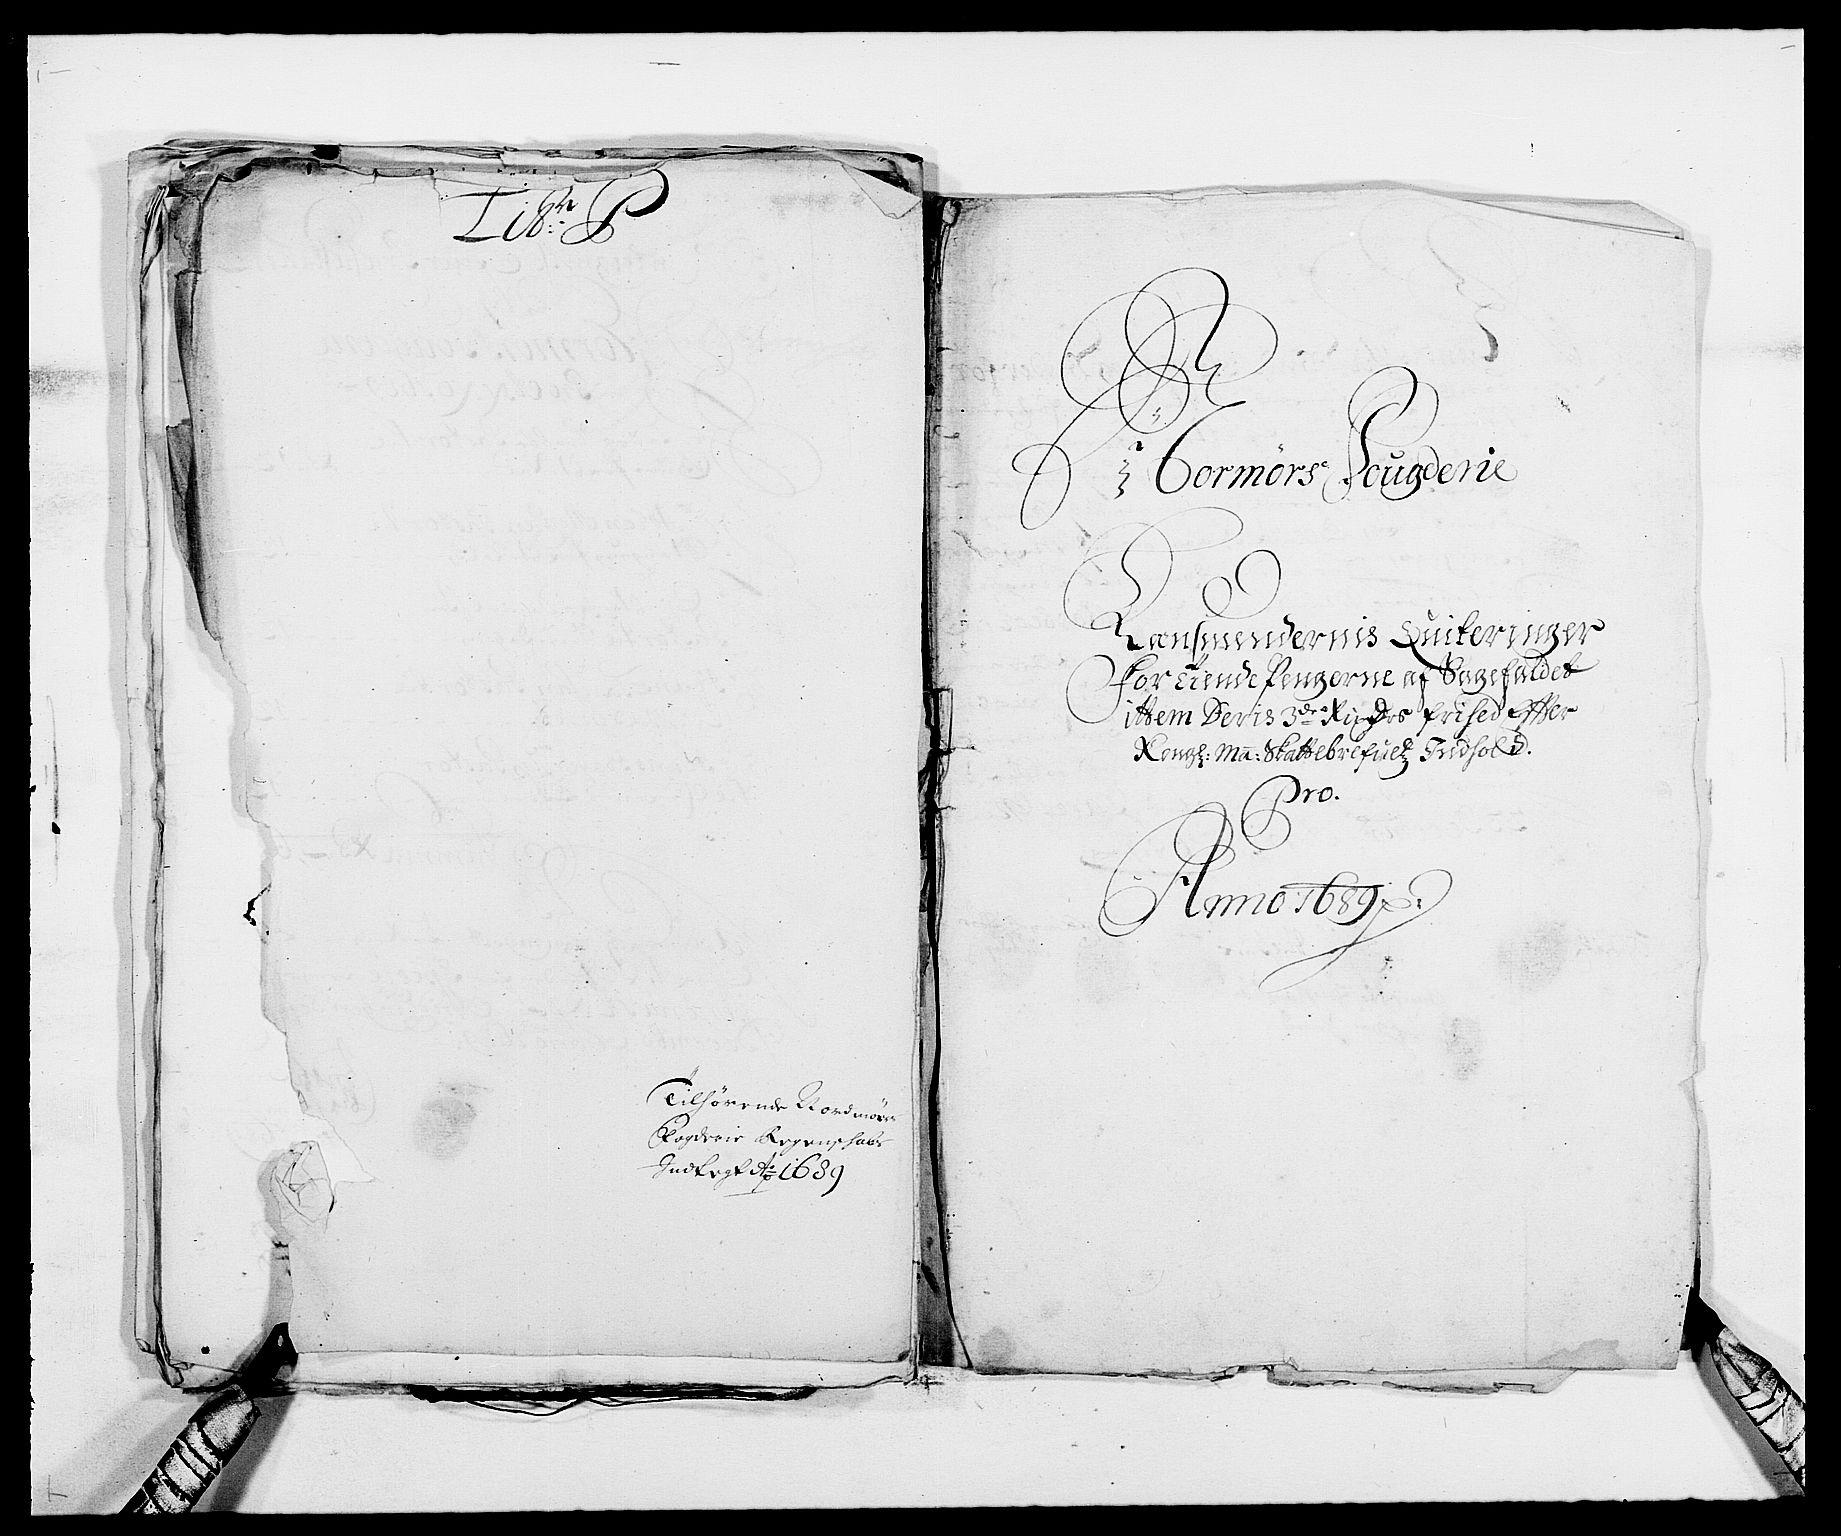 RA, Rentekammeret inntil 1814, Reviderte regnskaper, Fogderegnskap, R56/L3733: Fogderegnskap Nordmøre, 1687-1689, s. 461